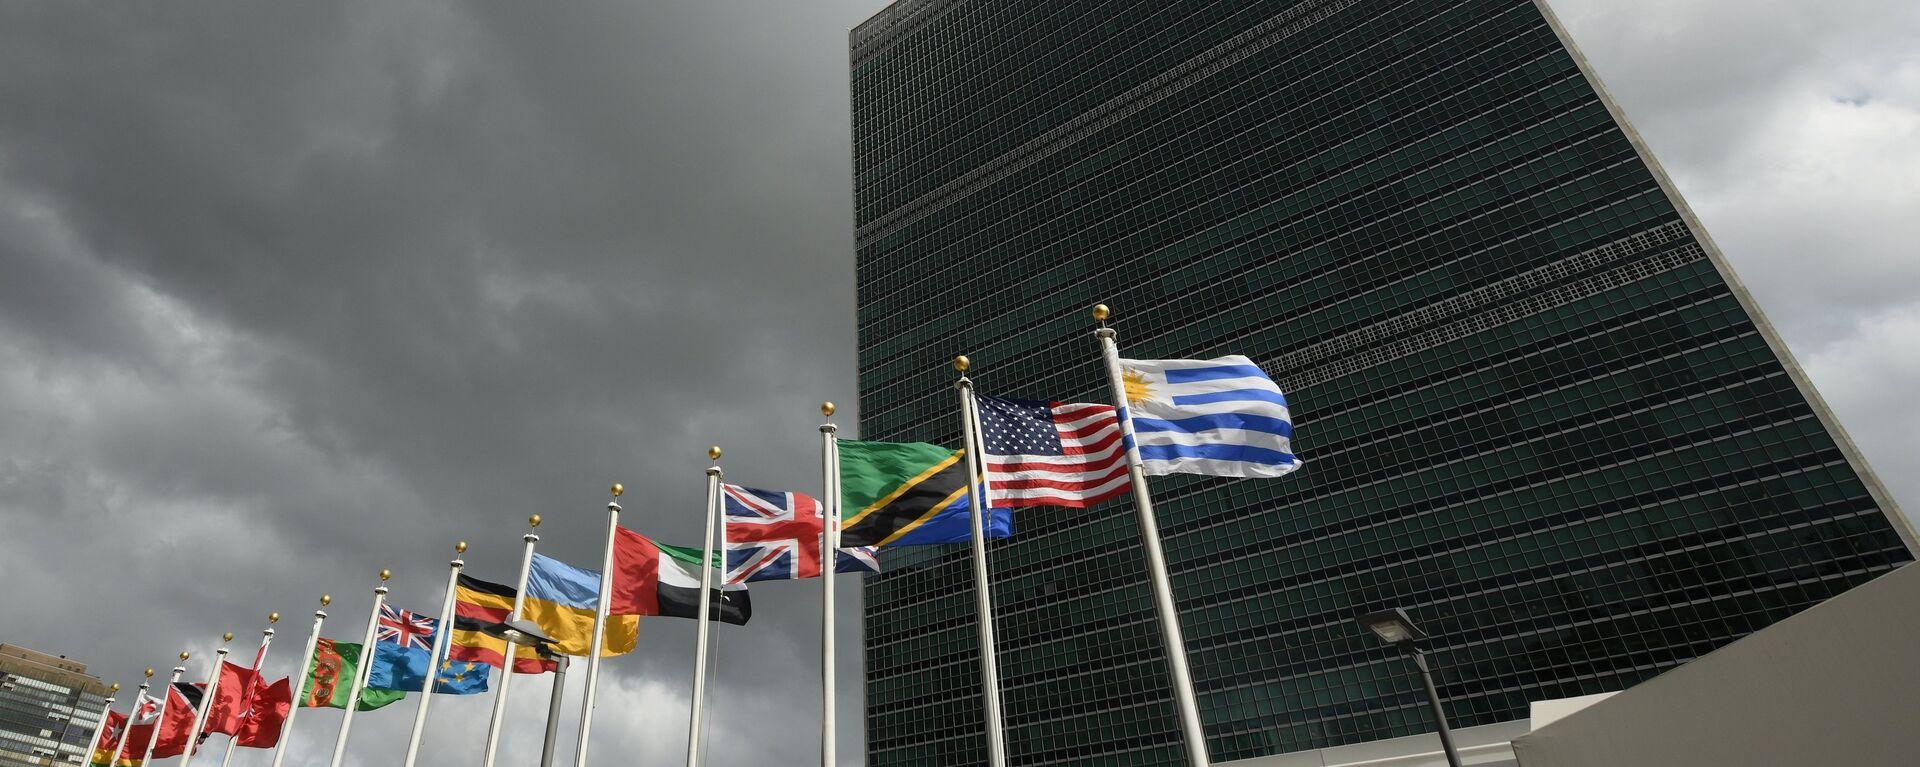 Το κτίριο του ΟΗΕ στη Νέα Υόρκη. - Sputnik Ελλάδα, 1920, 22.09.2021